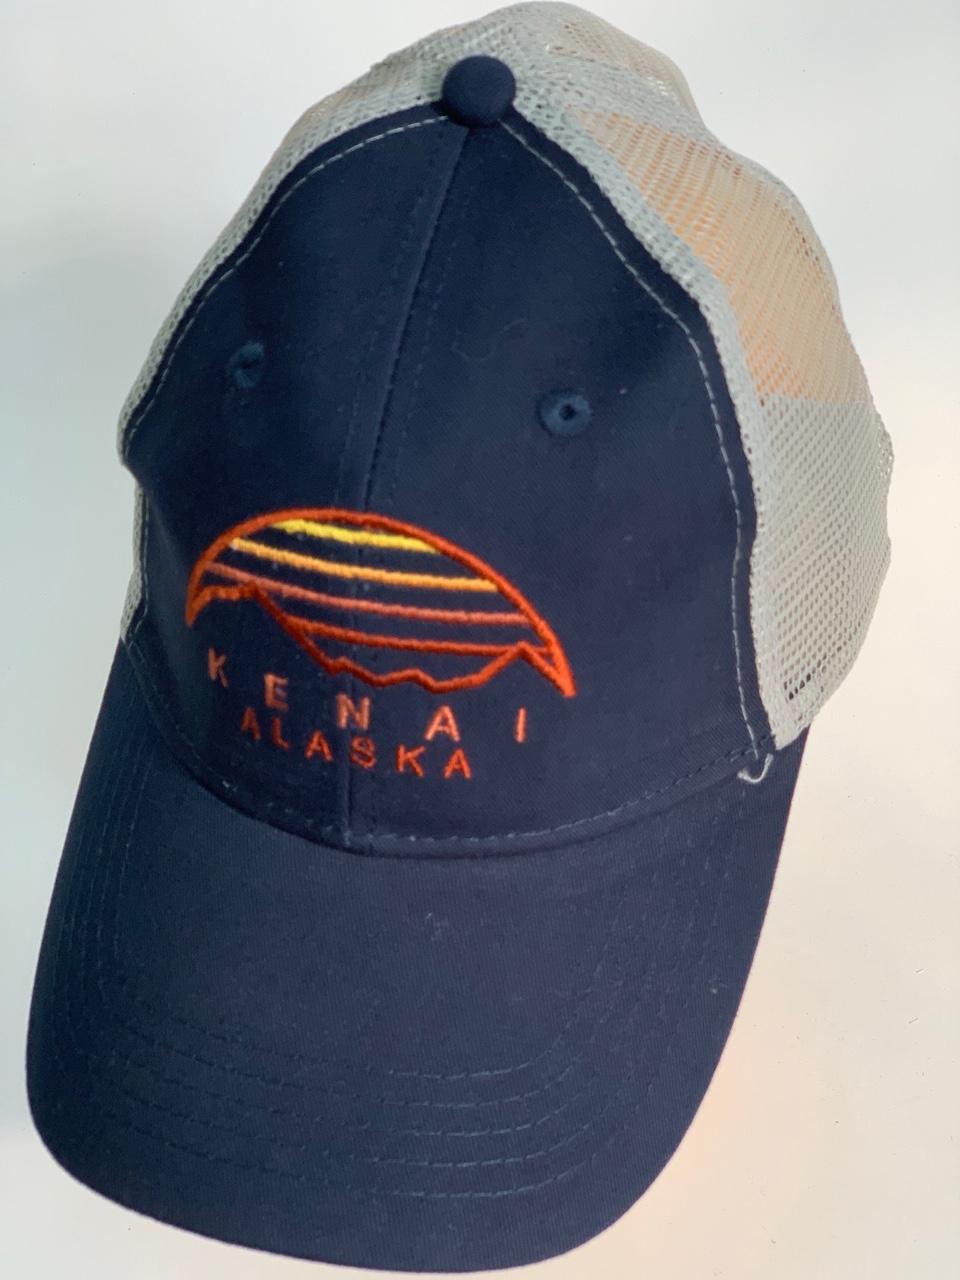 Темно-синяя бейсболка Alaska с вышивкой на тулье и сеткой